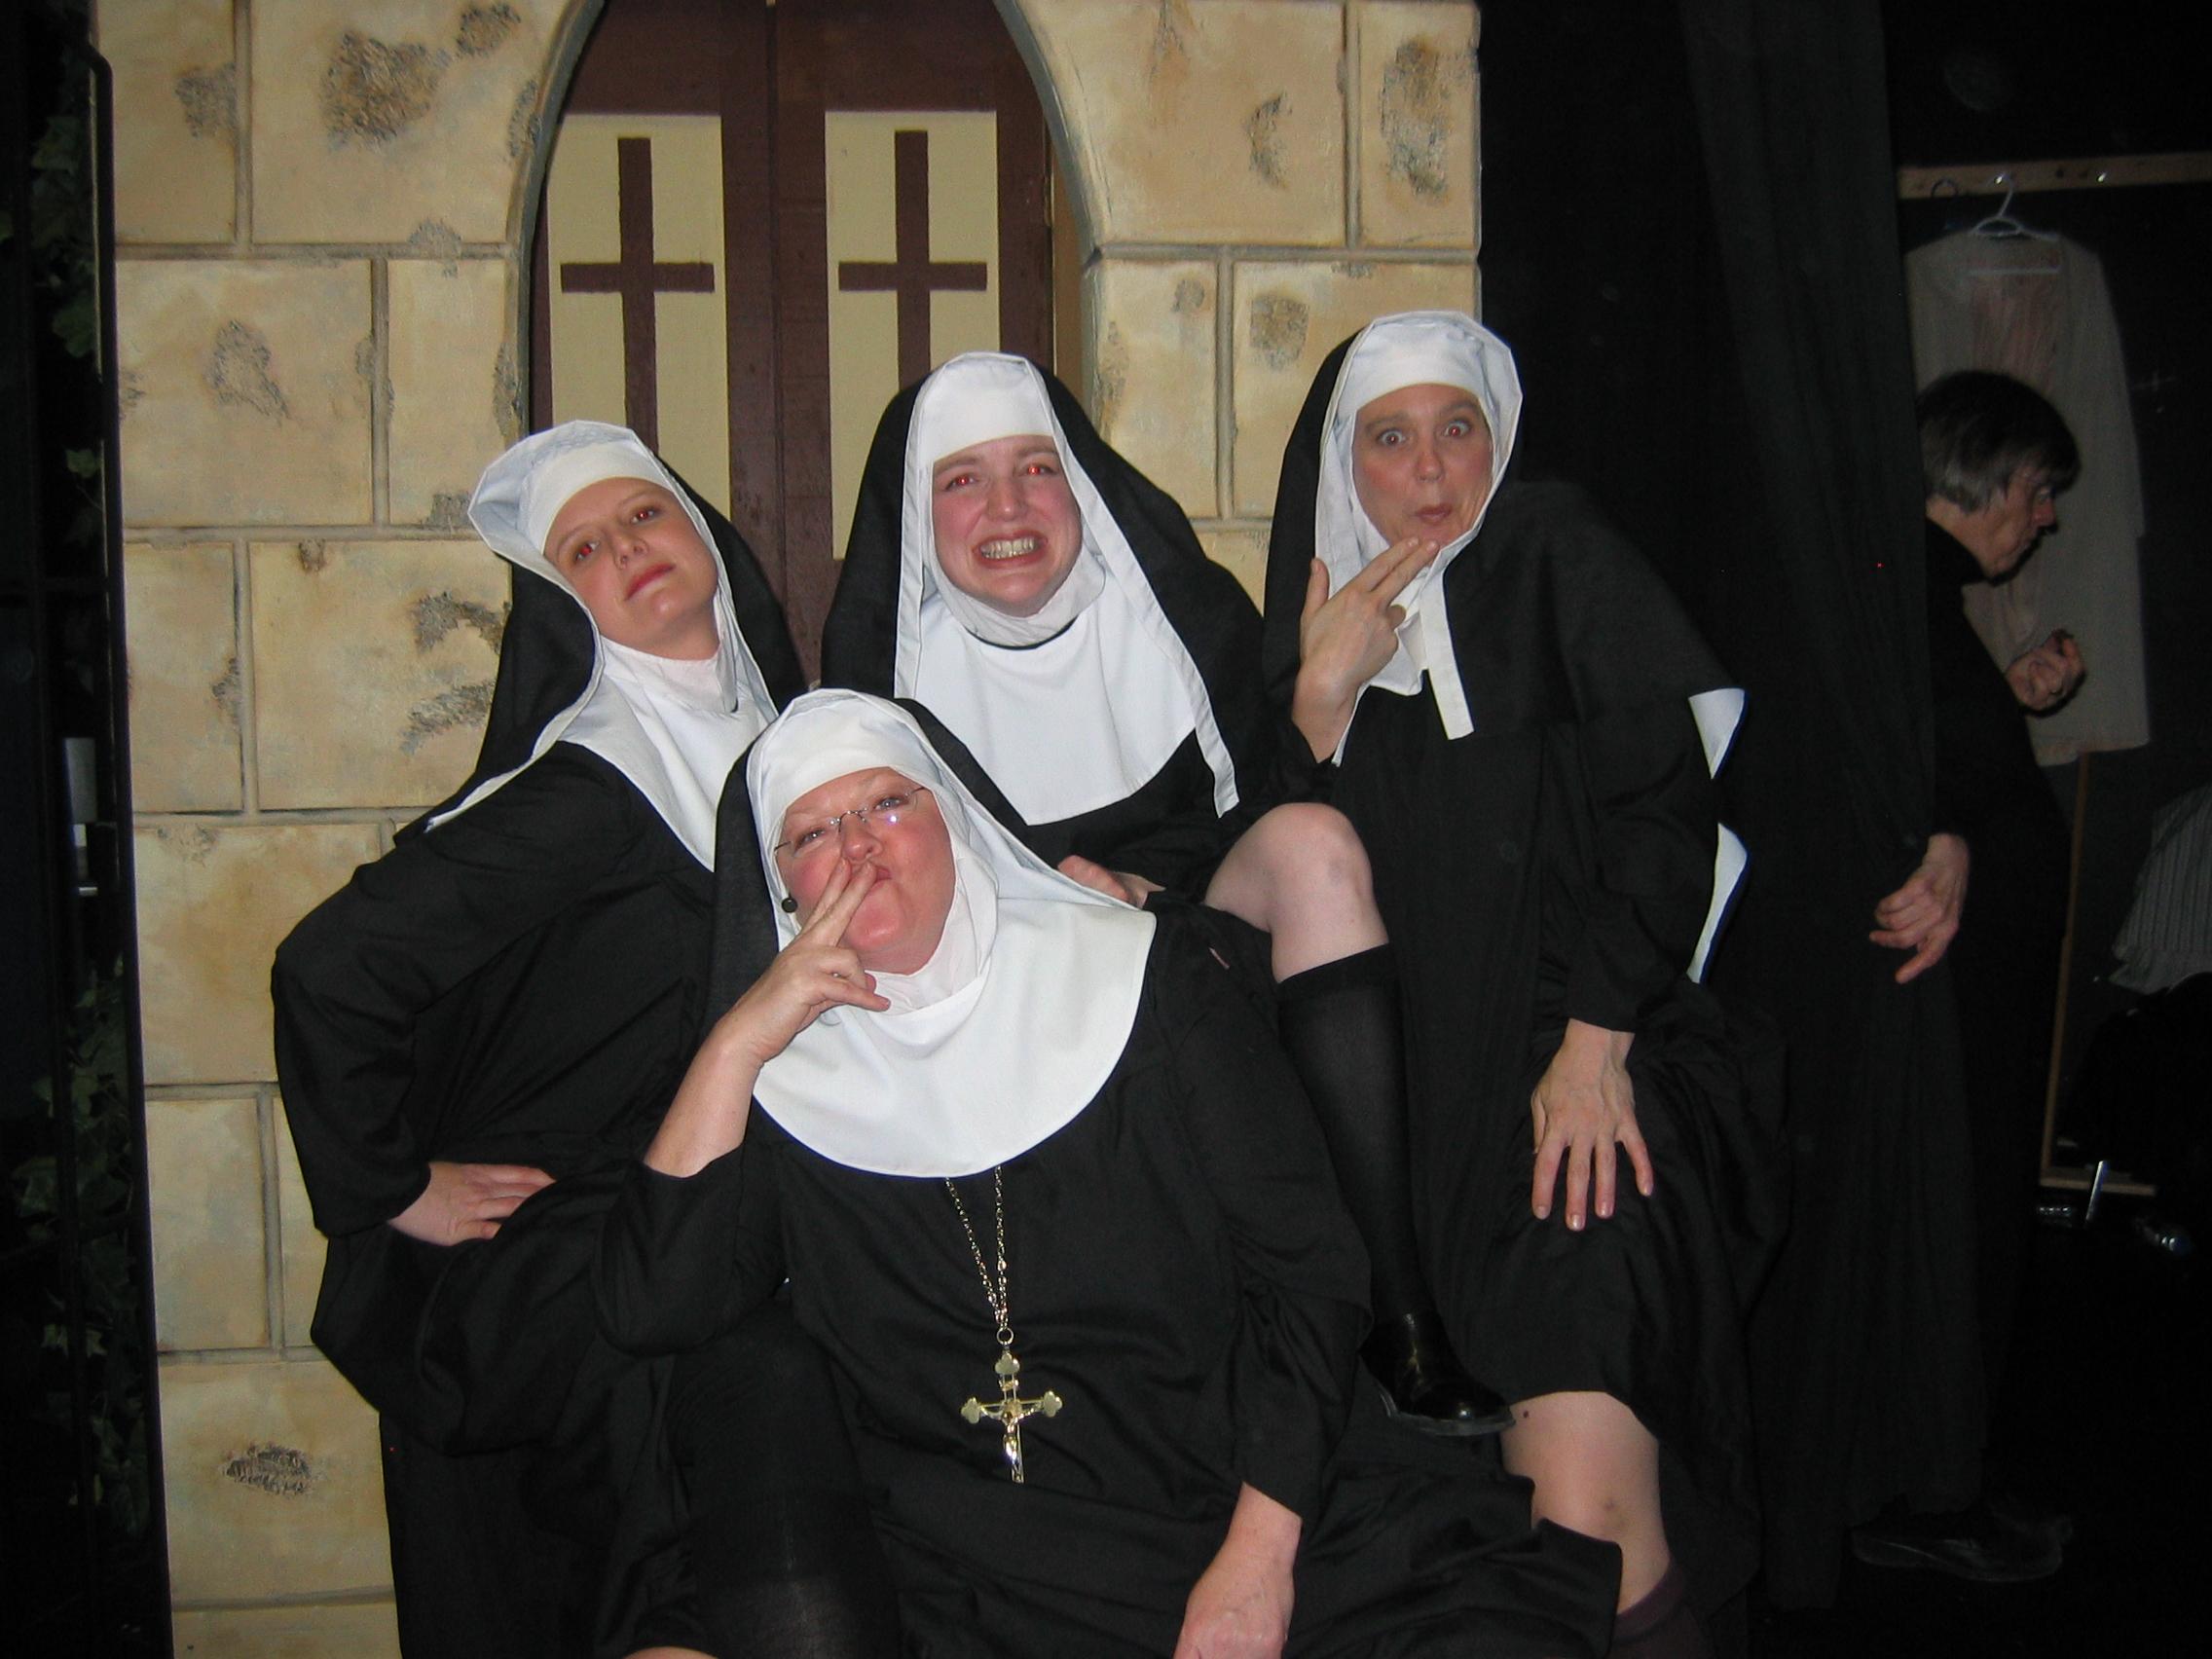 Sister Margaretta, Sister Berthe, Sister Sophia and Mother Abbess